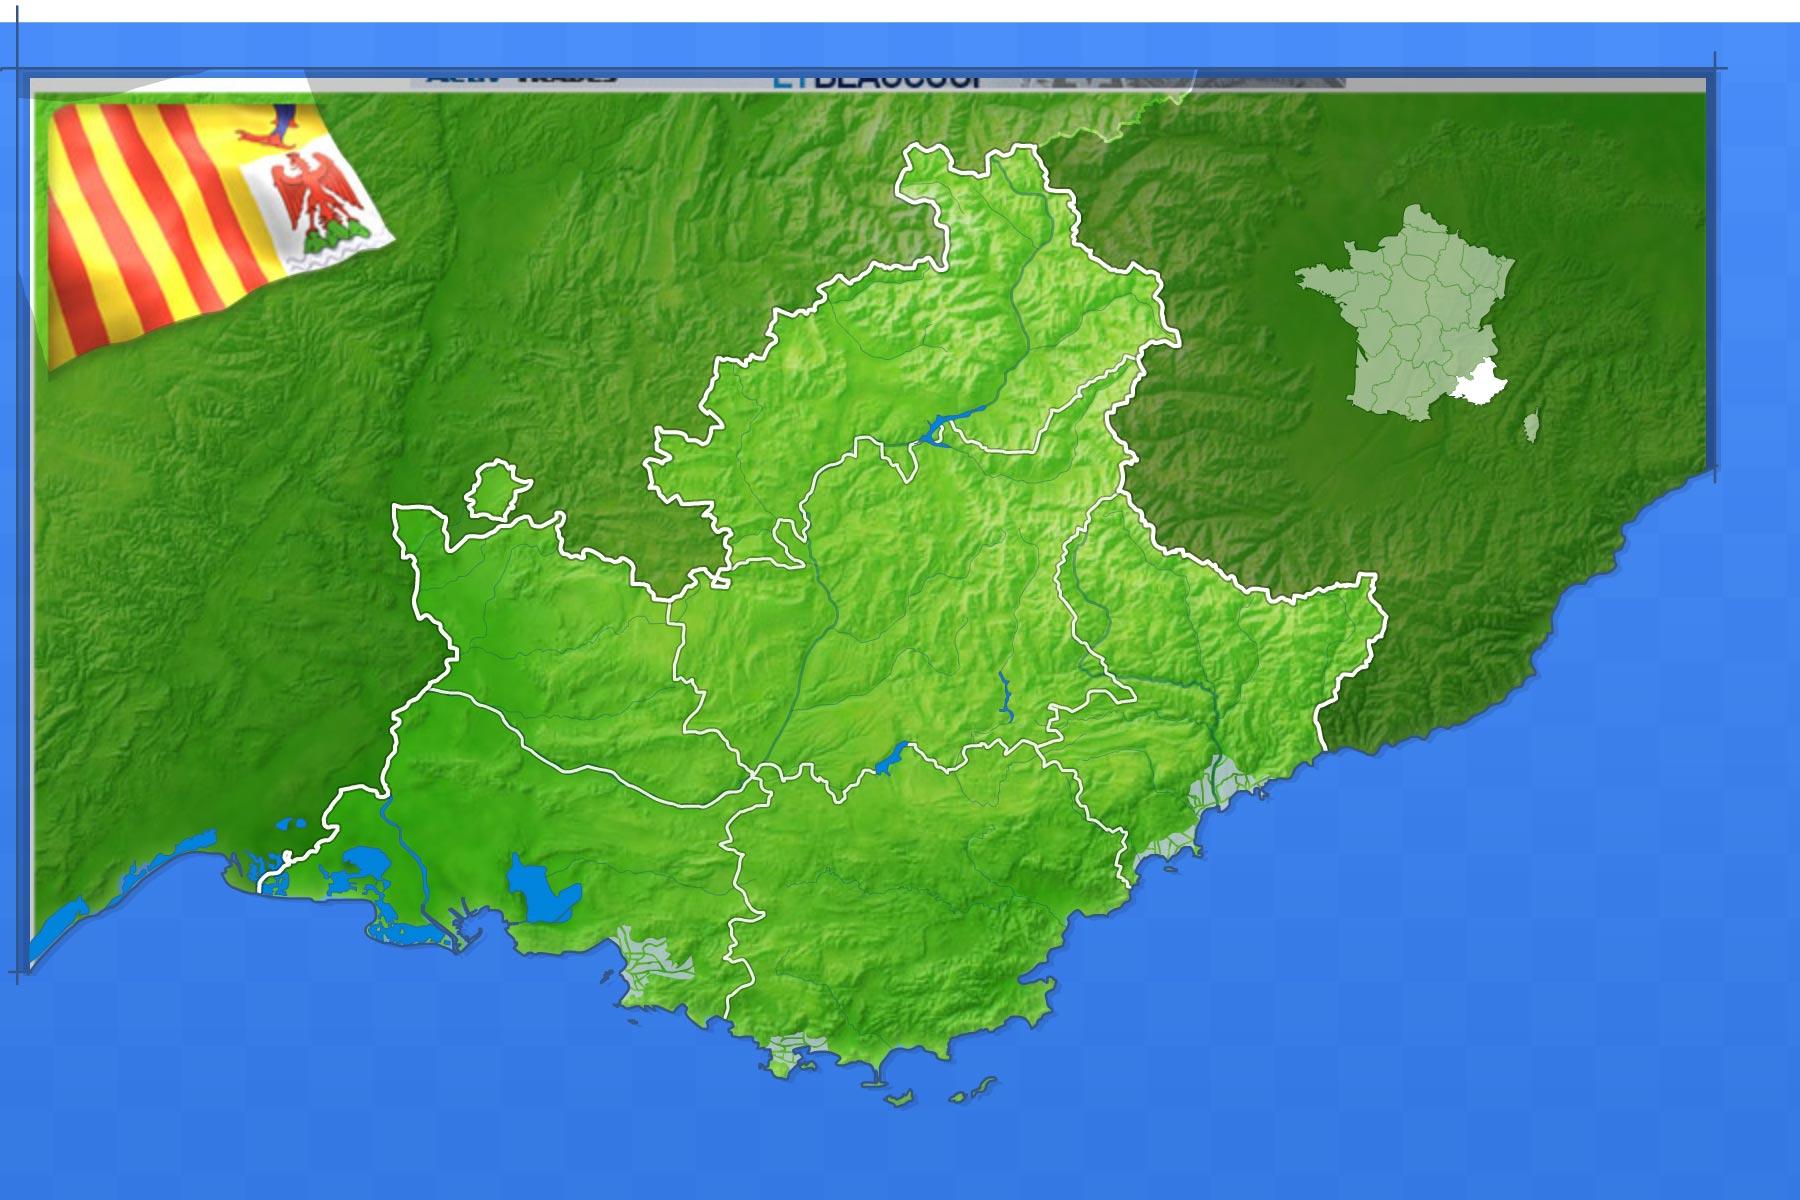 Jeux-Geographiques Jeux Gratuits Villes De Provence dedans Jeux Géographique